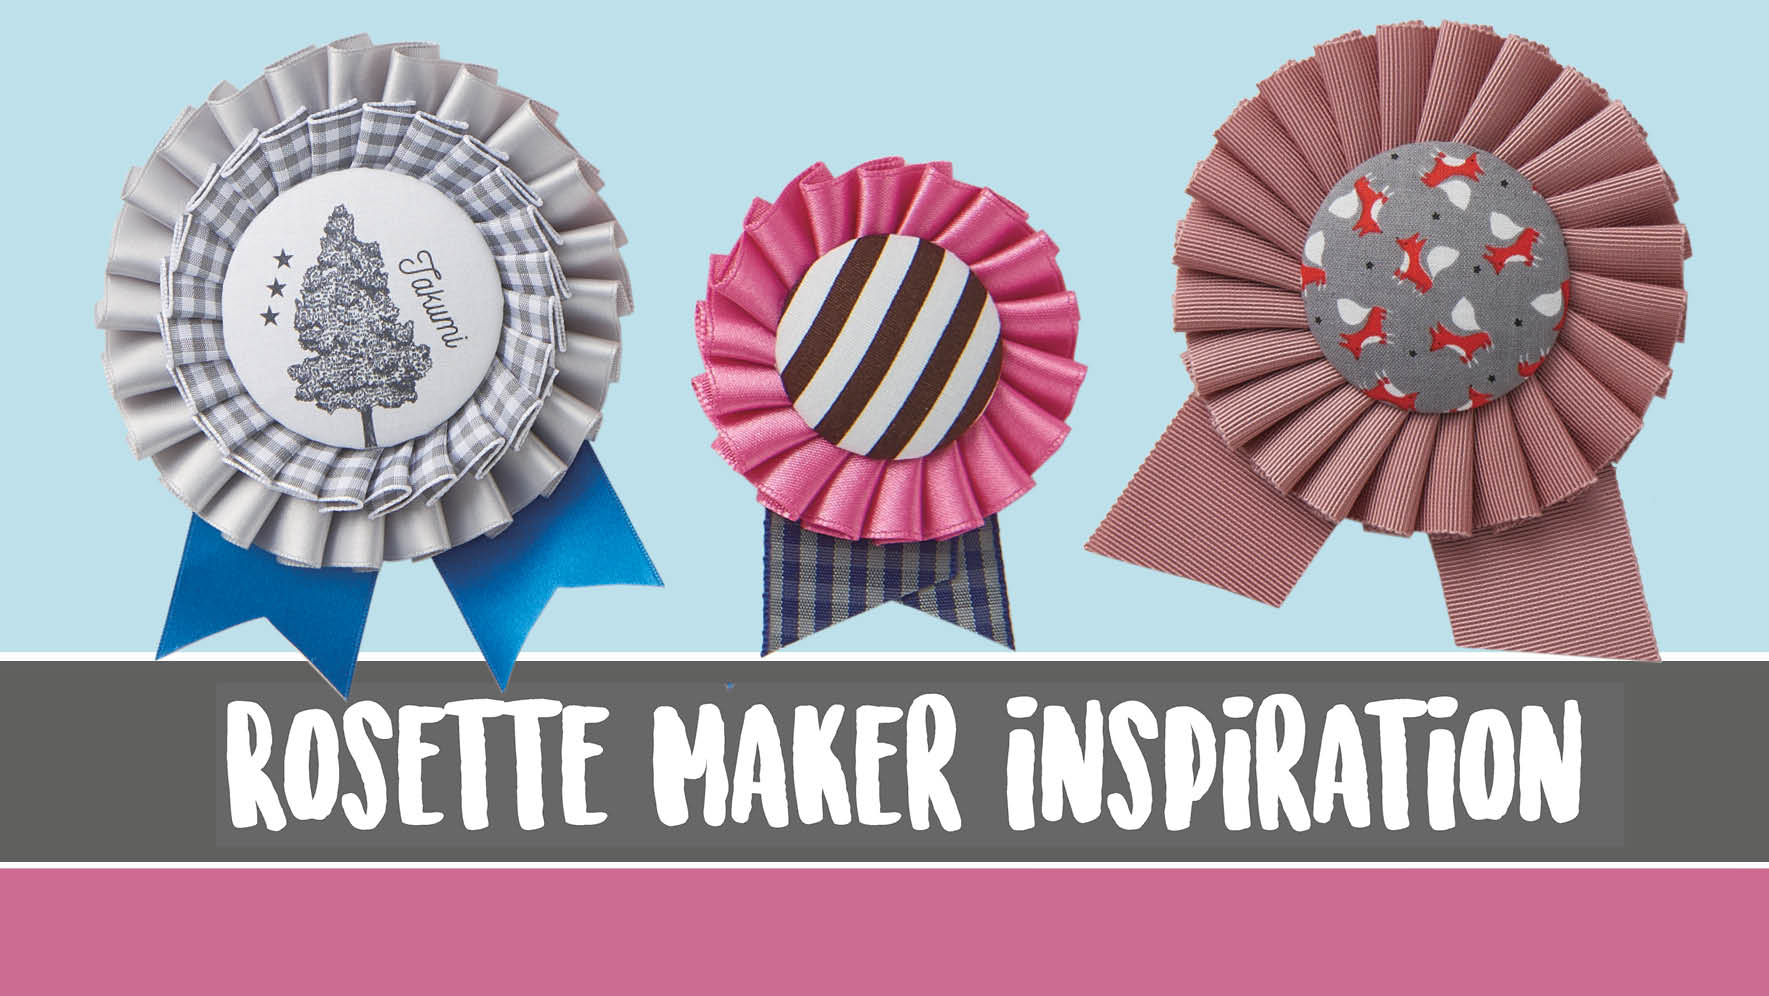 rosette maker inspiration clover needlecraft